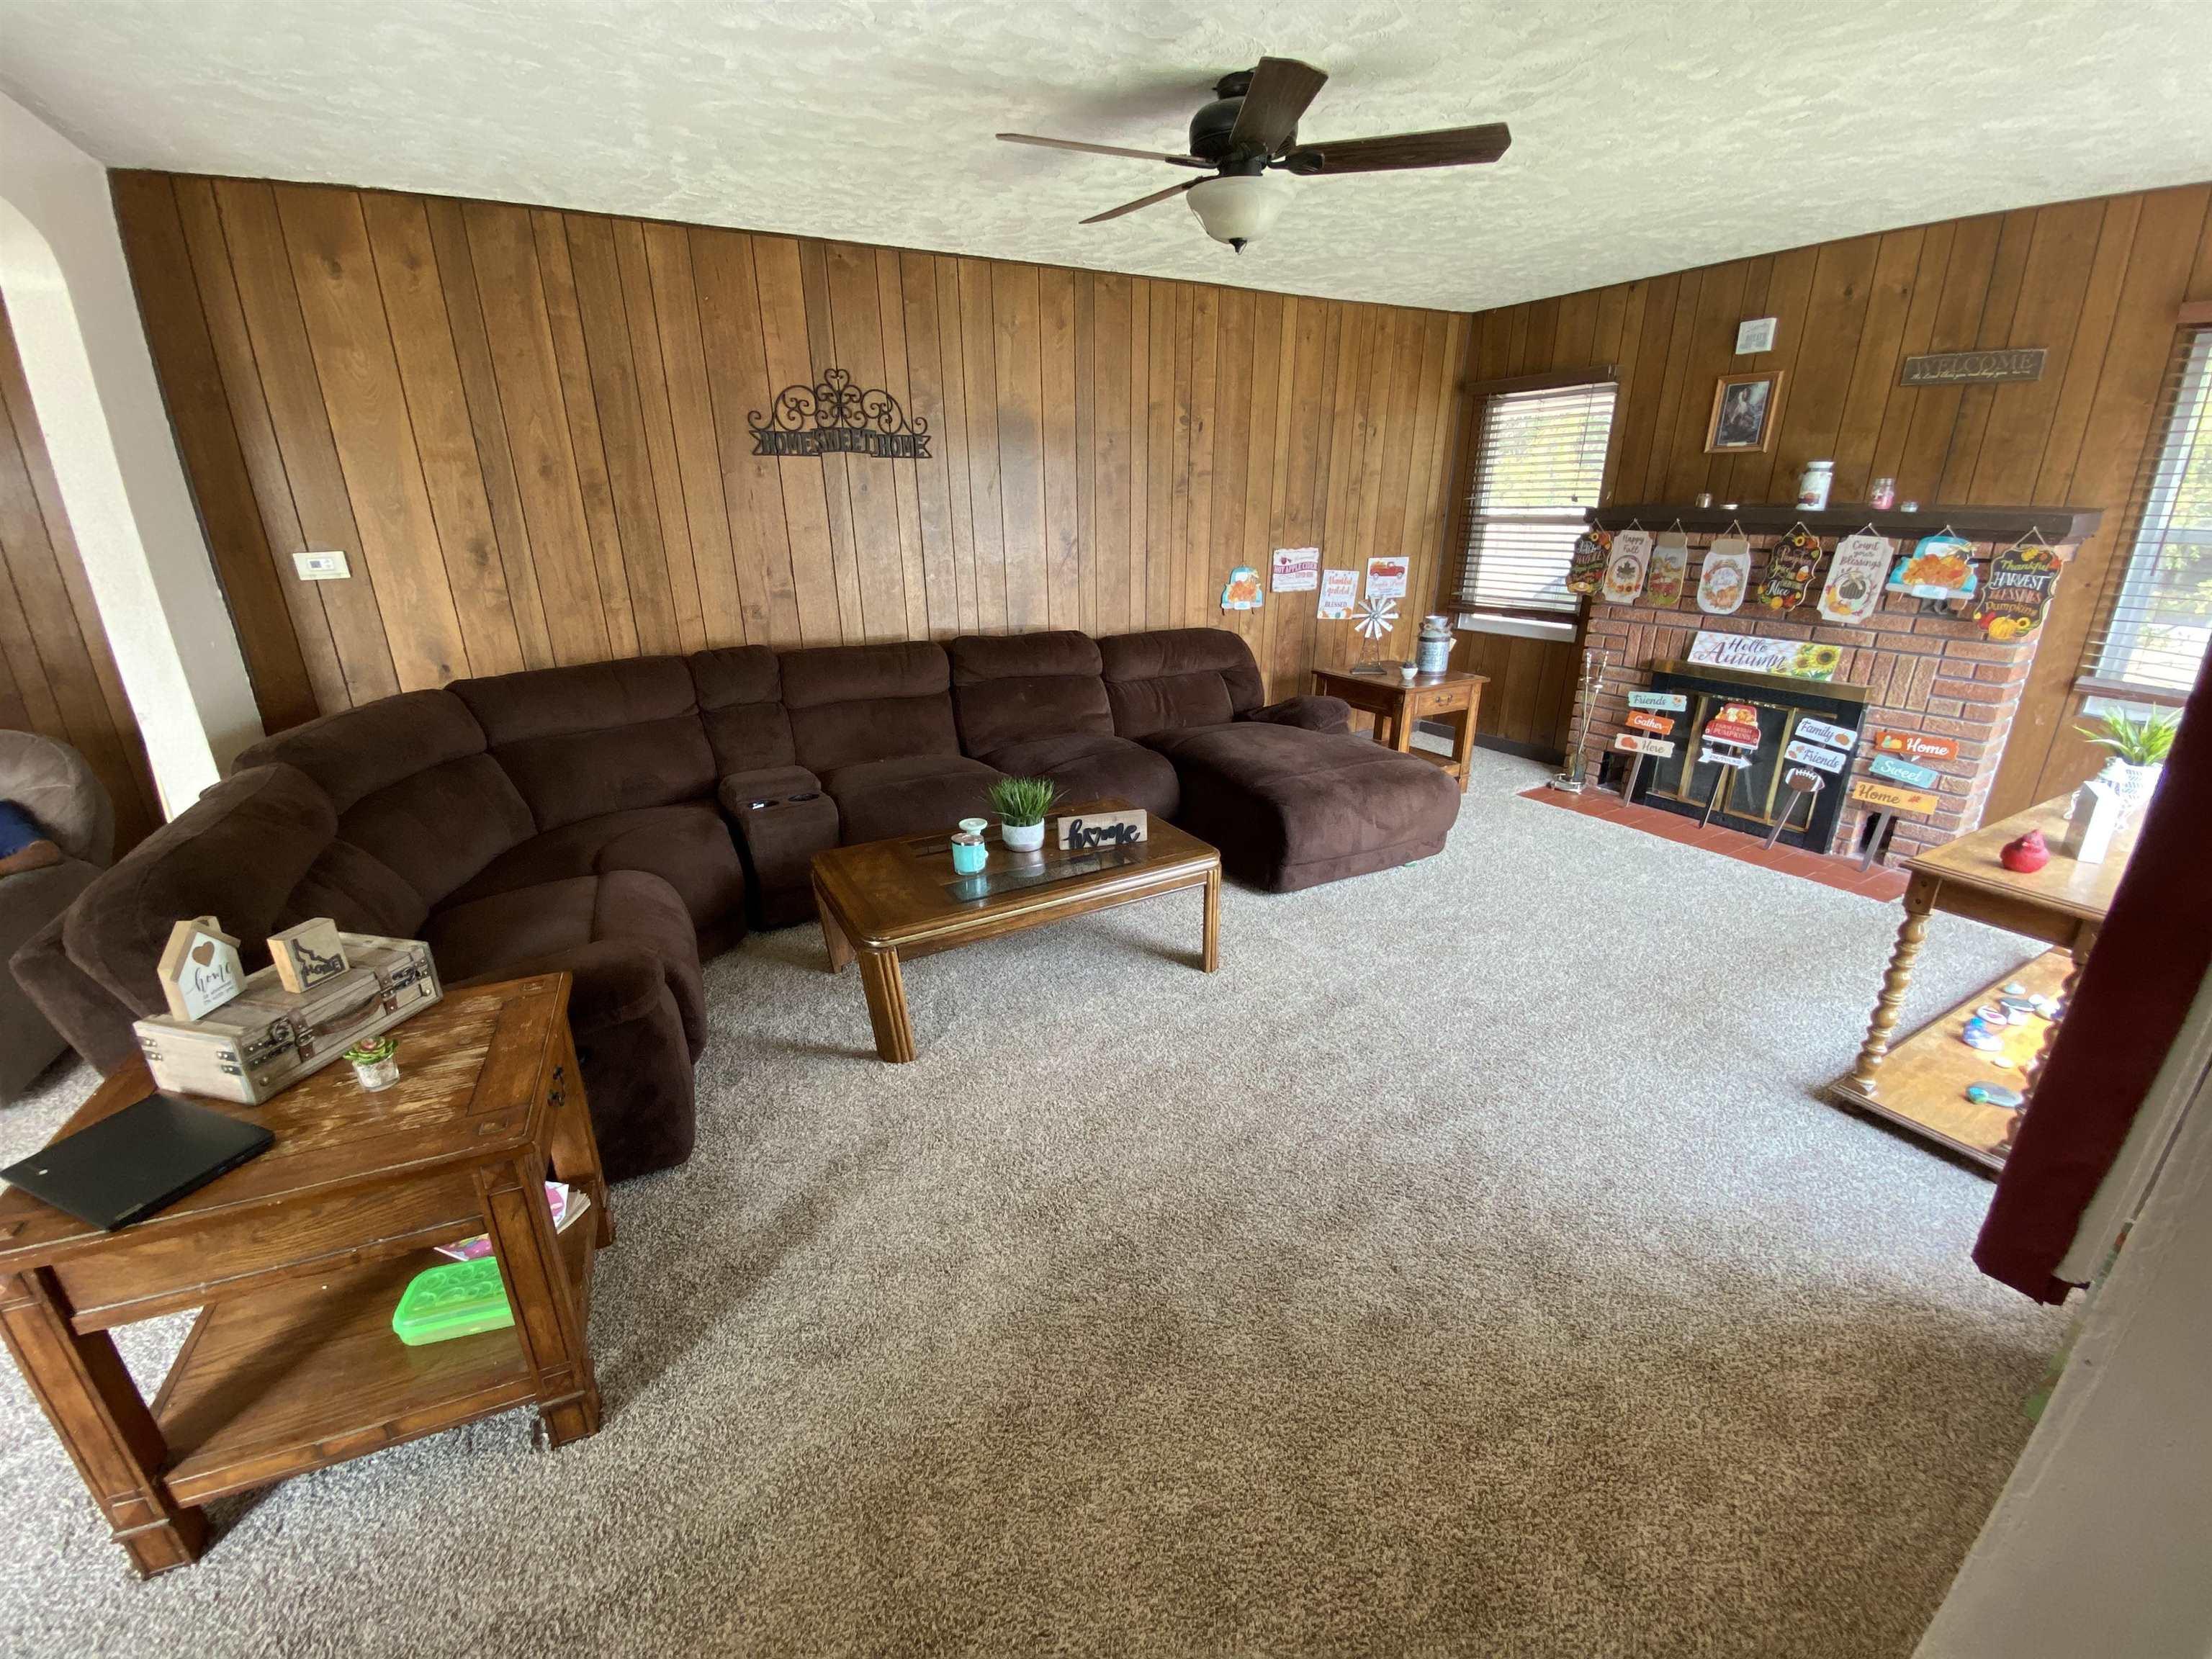 266 W. Washington Property Photo